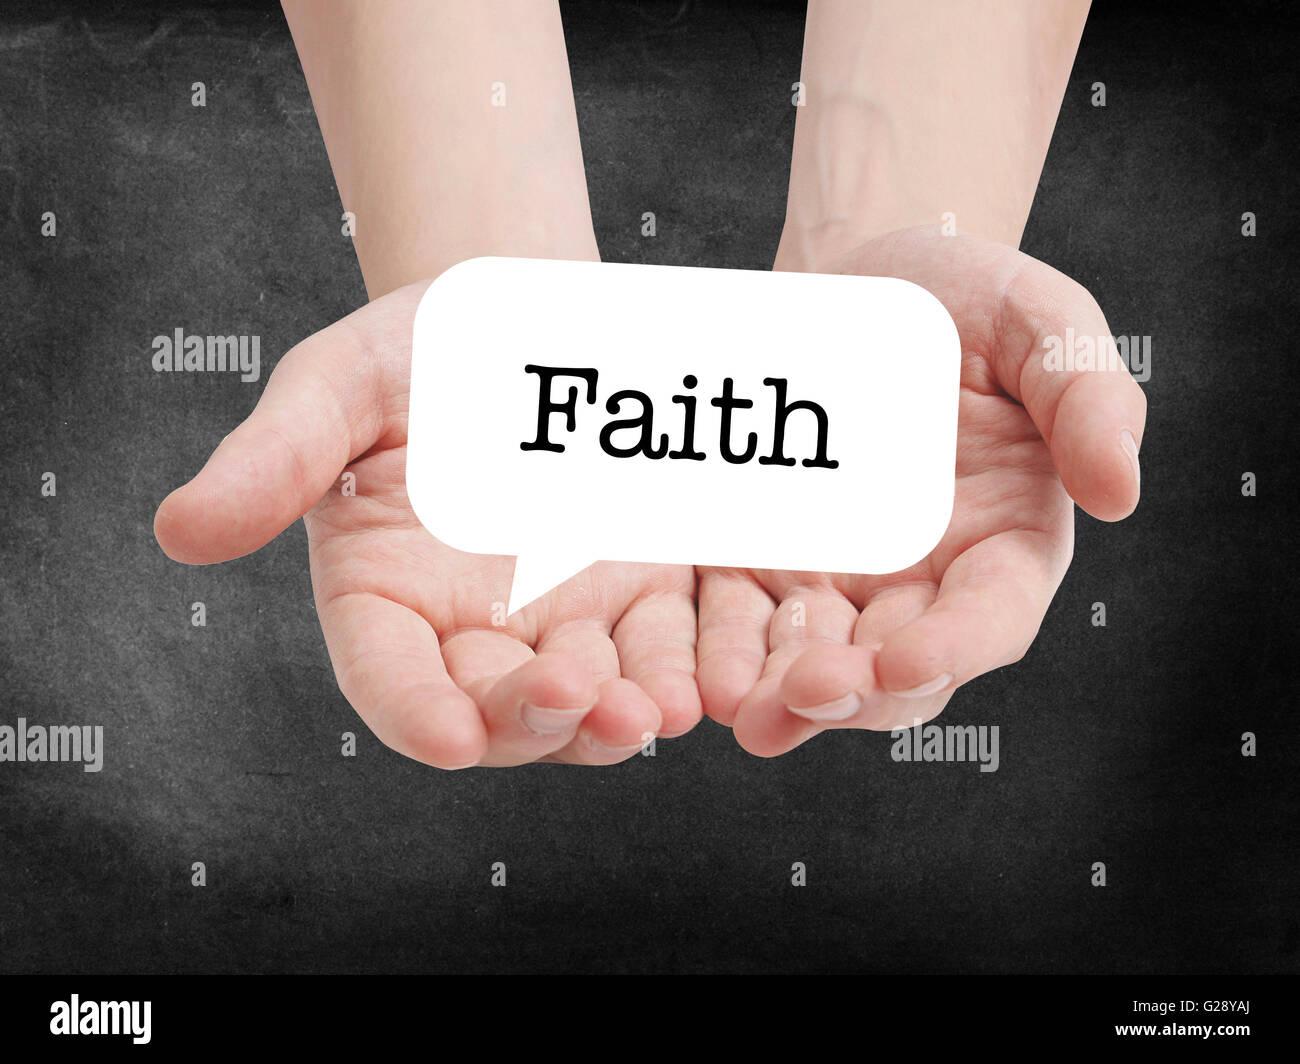 Glaubens auf eine Speechbubble geschrieben Stockbild